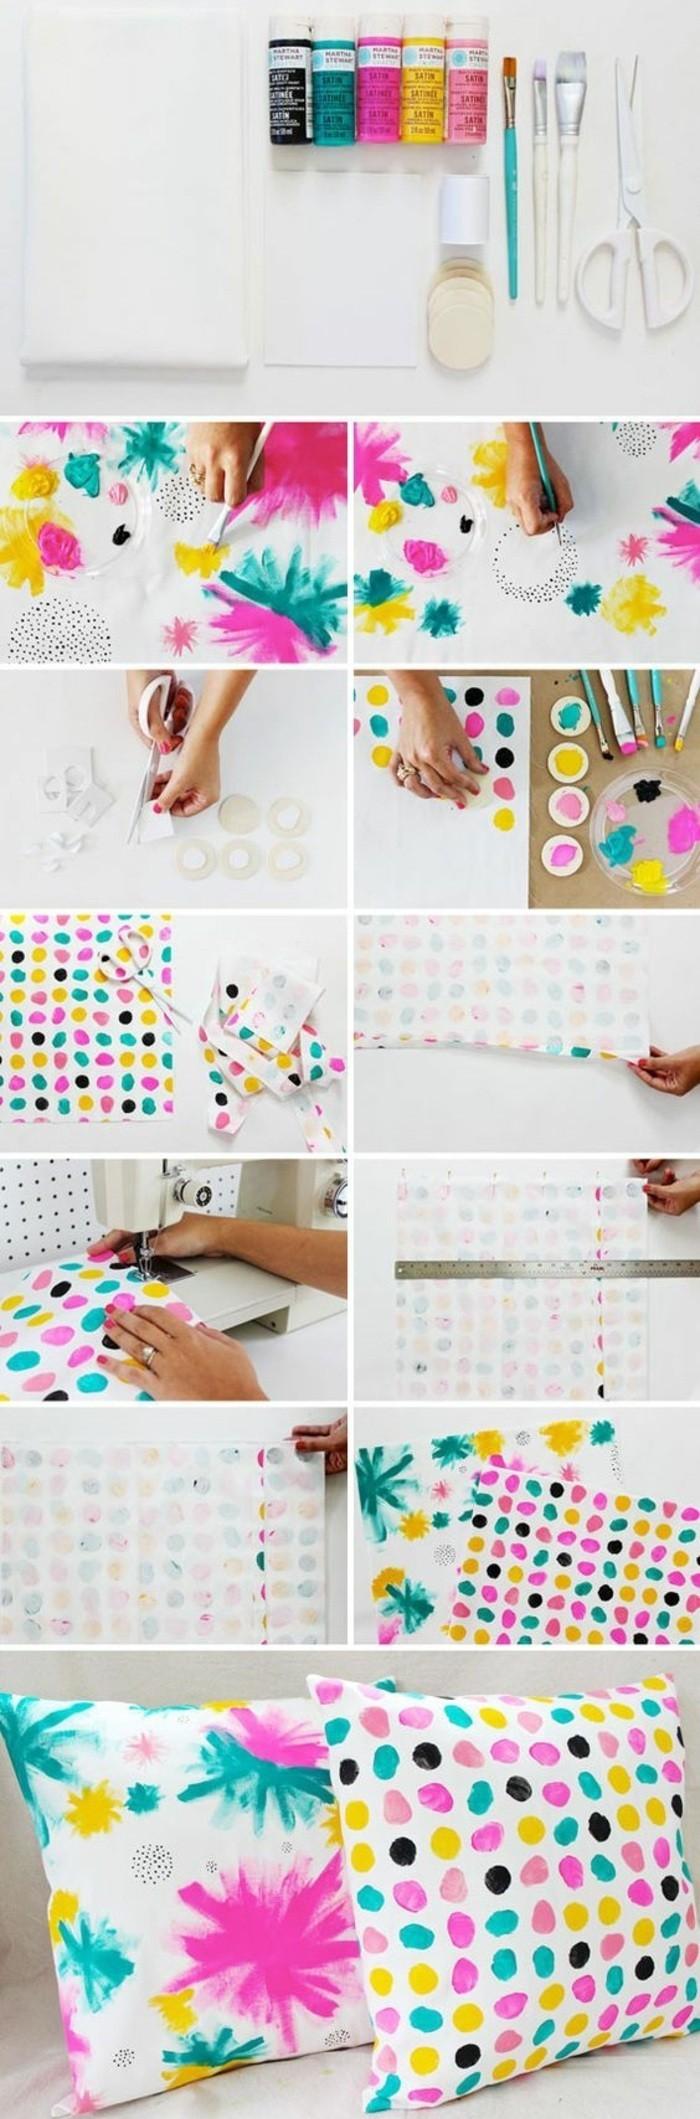 wohnideen-selber-machen-kissen-mit-bunten-farben-dekorieren